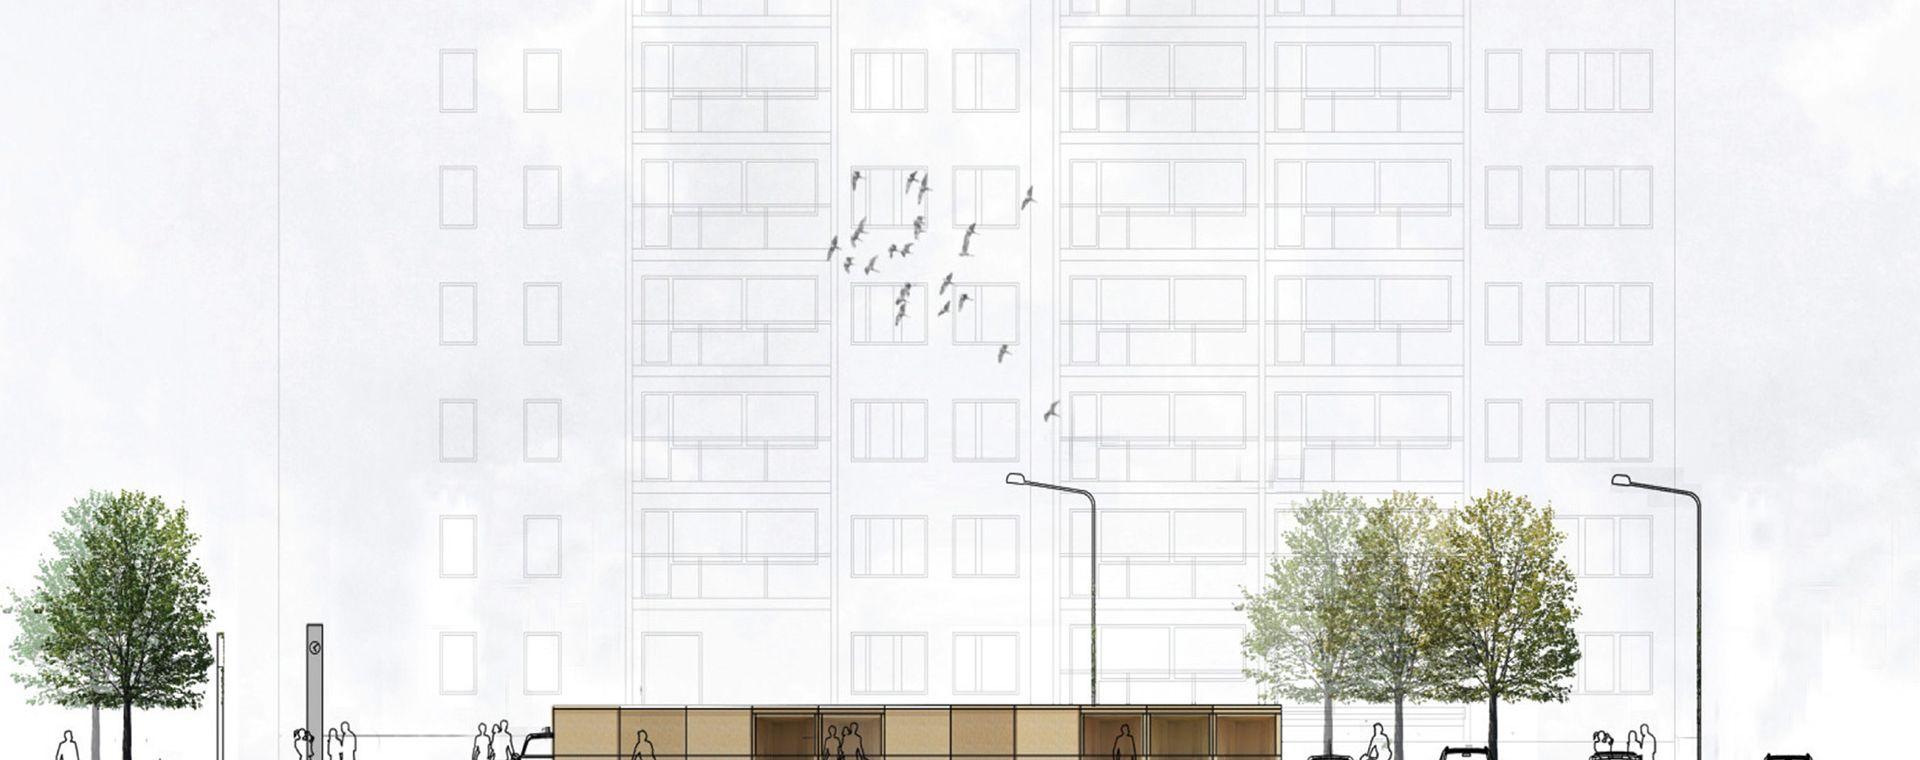 Soutěž o návrh tržnice na náměstí svobody v Kladně, 2014, CZ